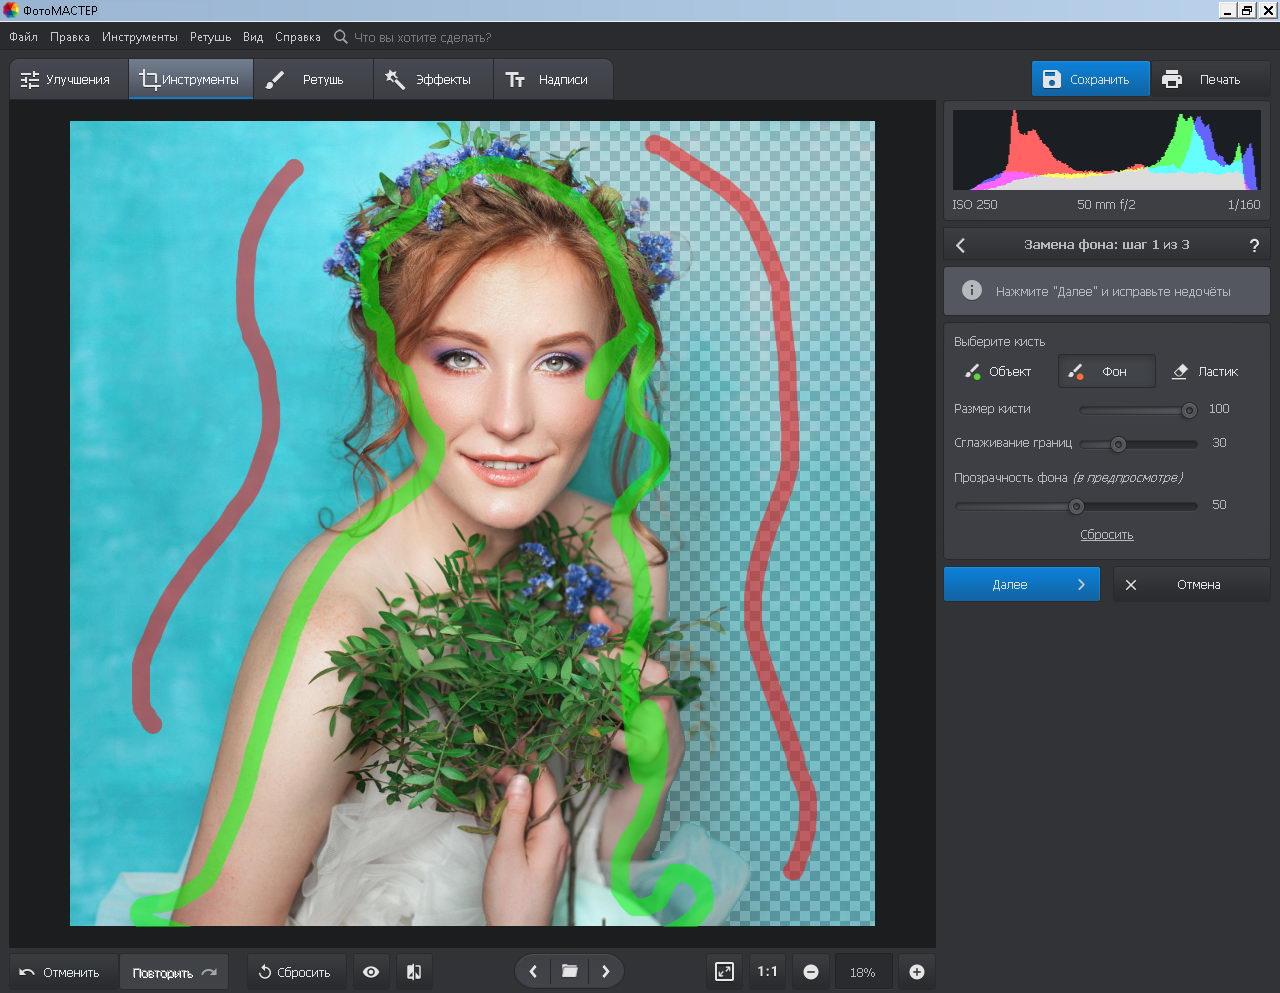 Автоматическая обработка фотографий в редакторе №6